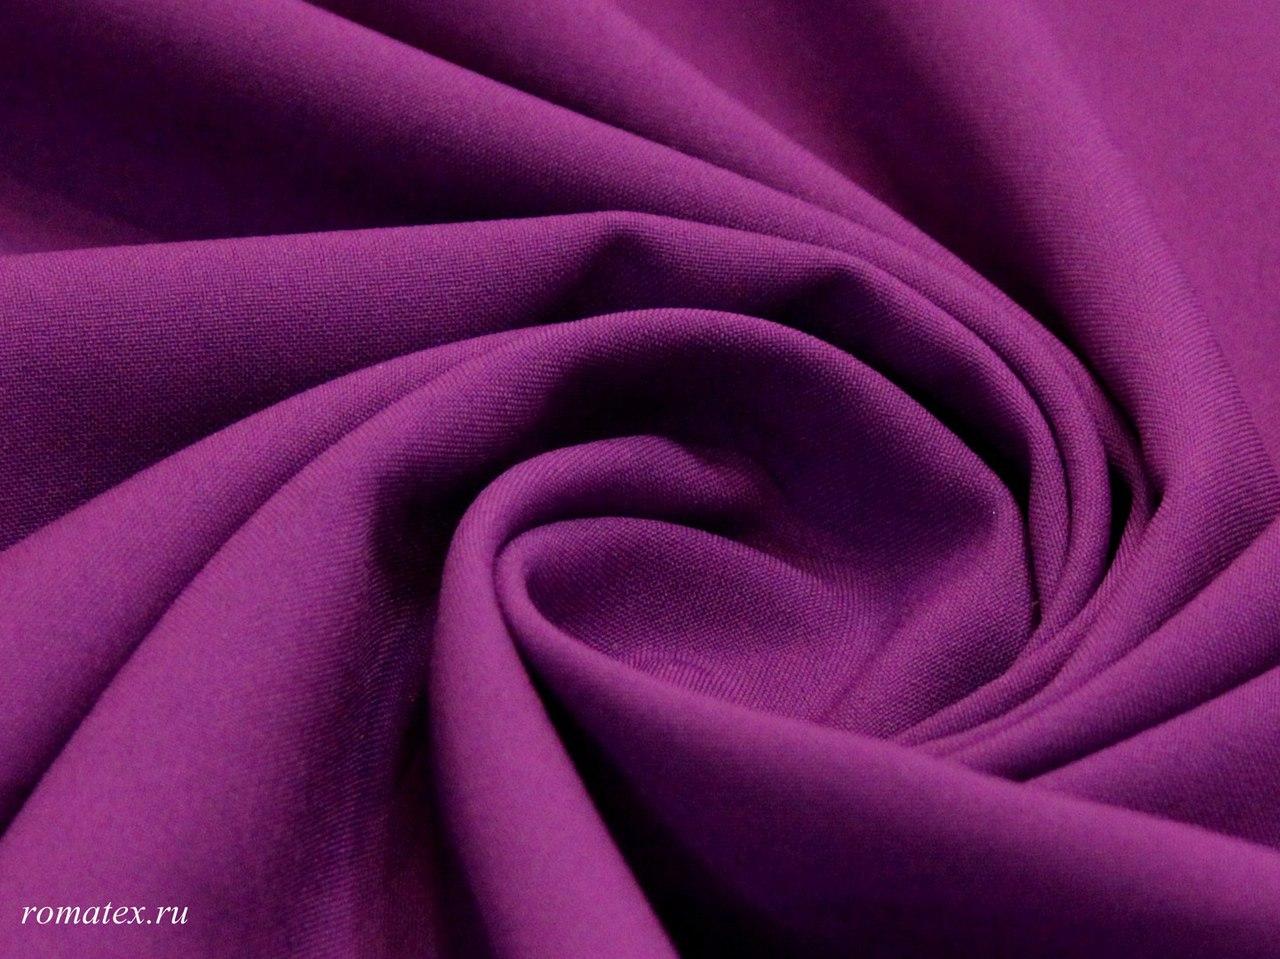 Габардин цвет лиловый